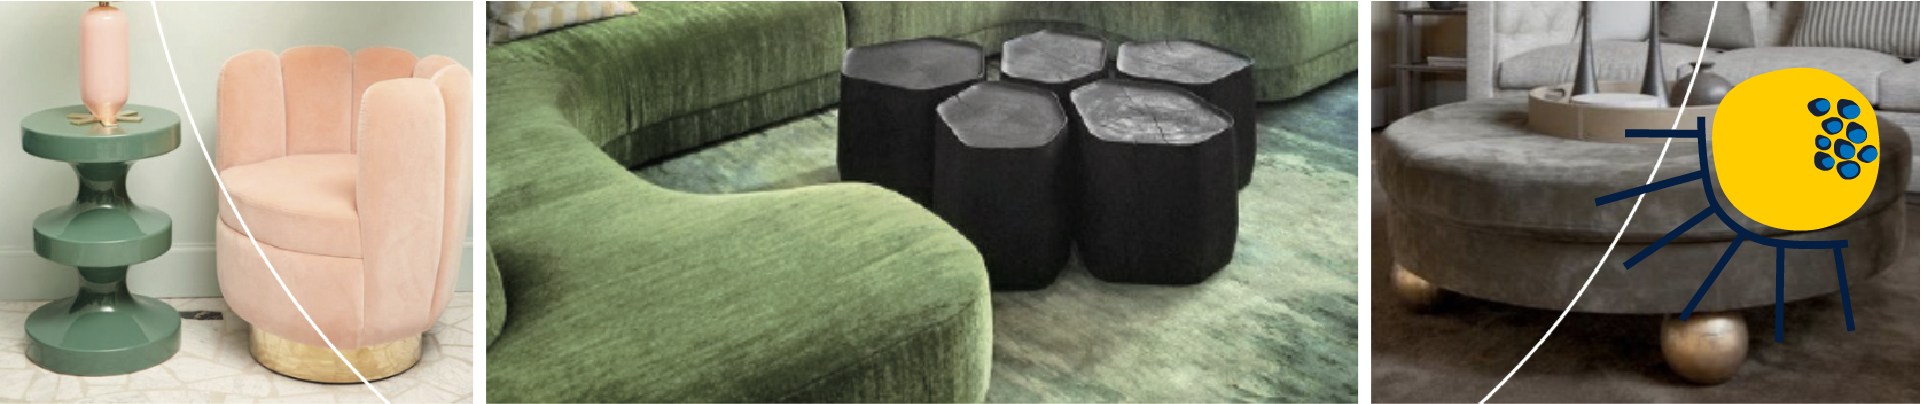 mobilier-interieur-design